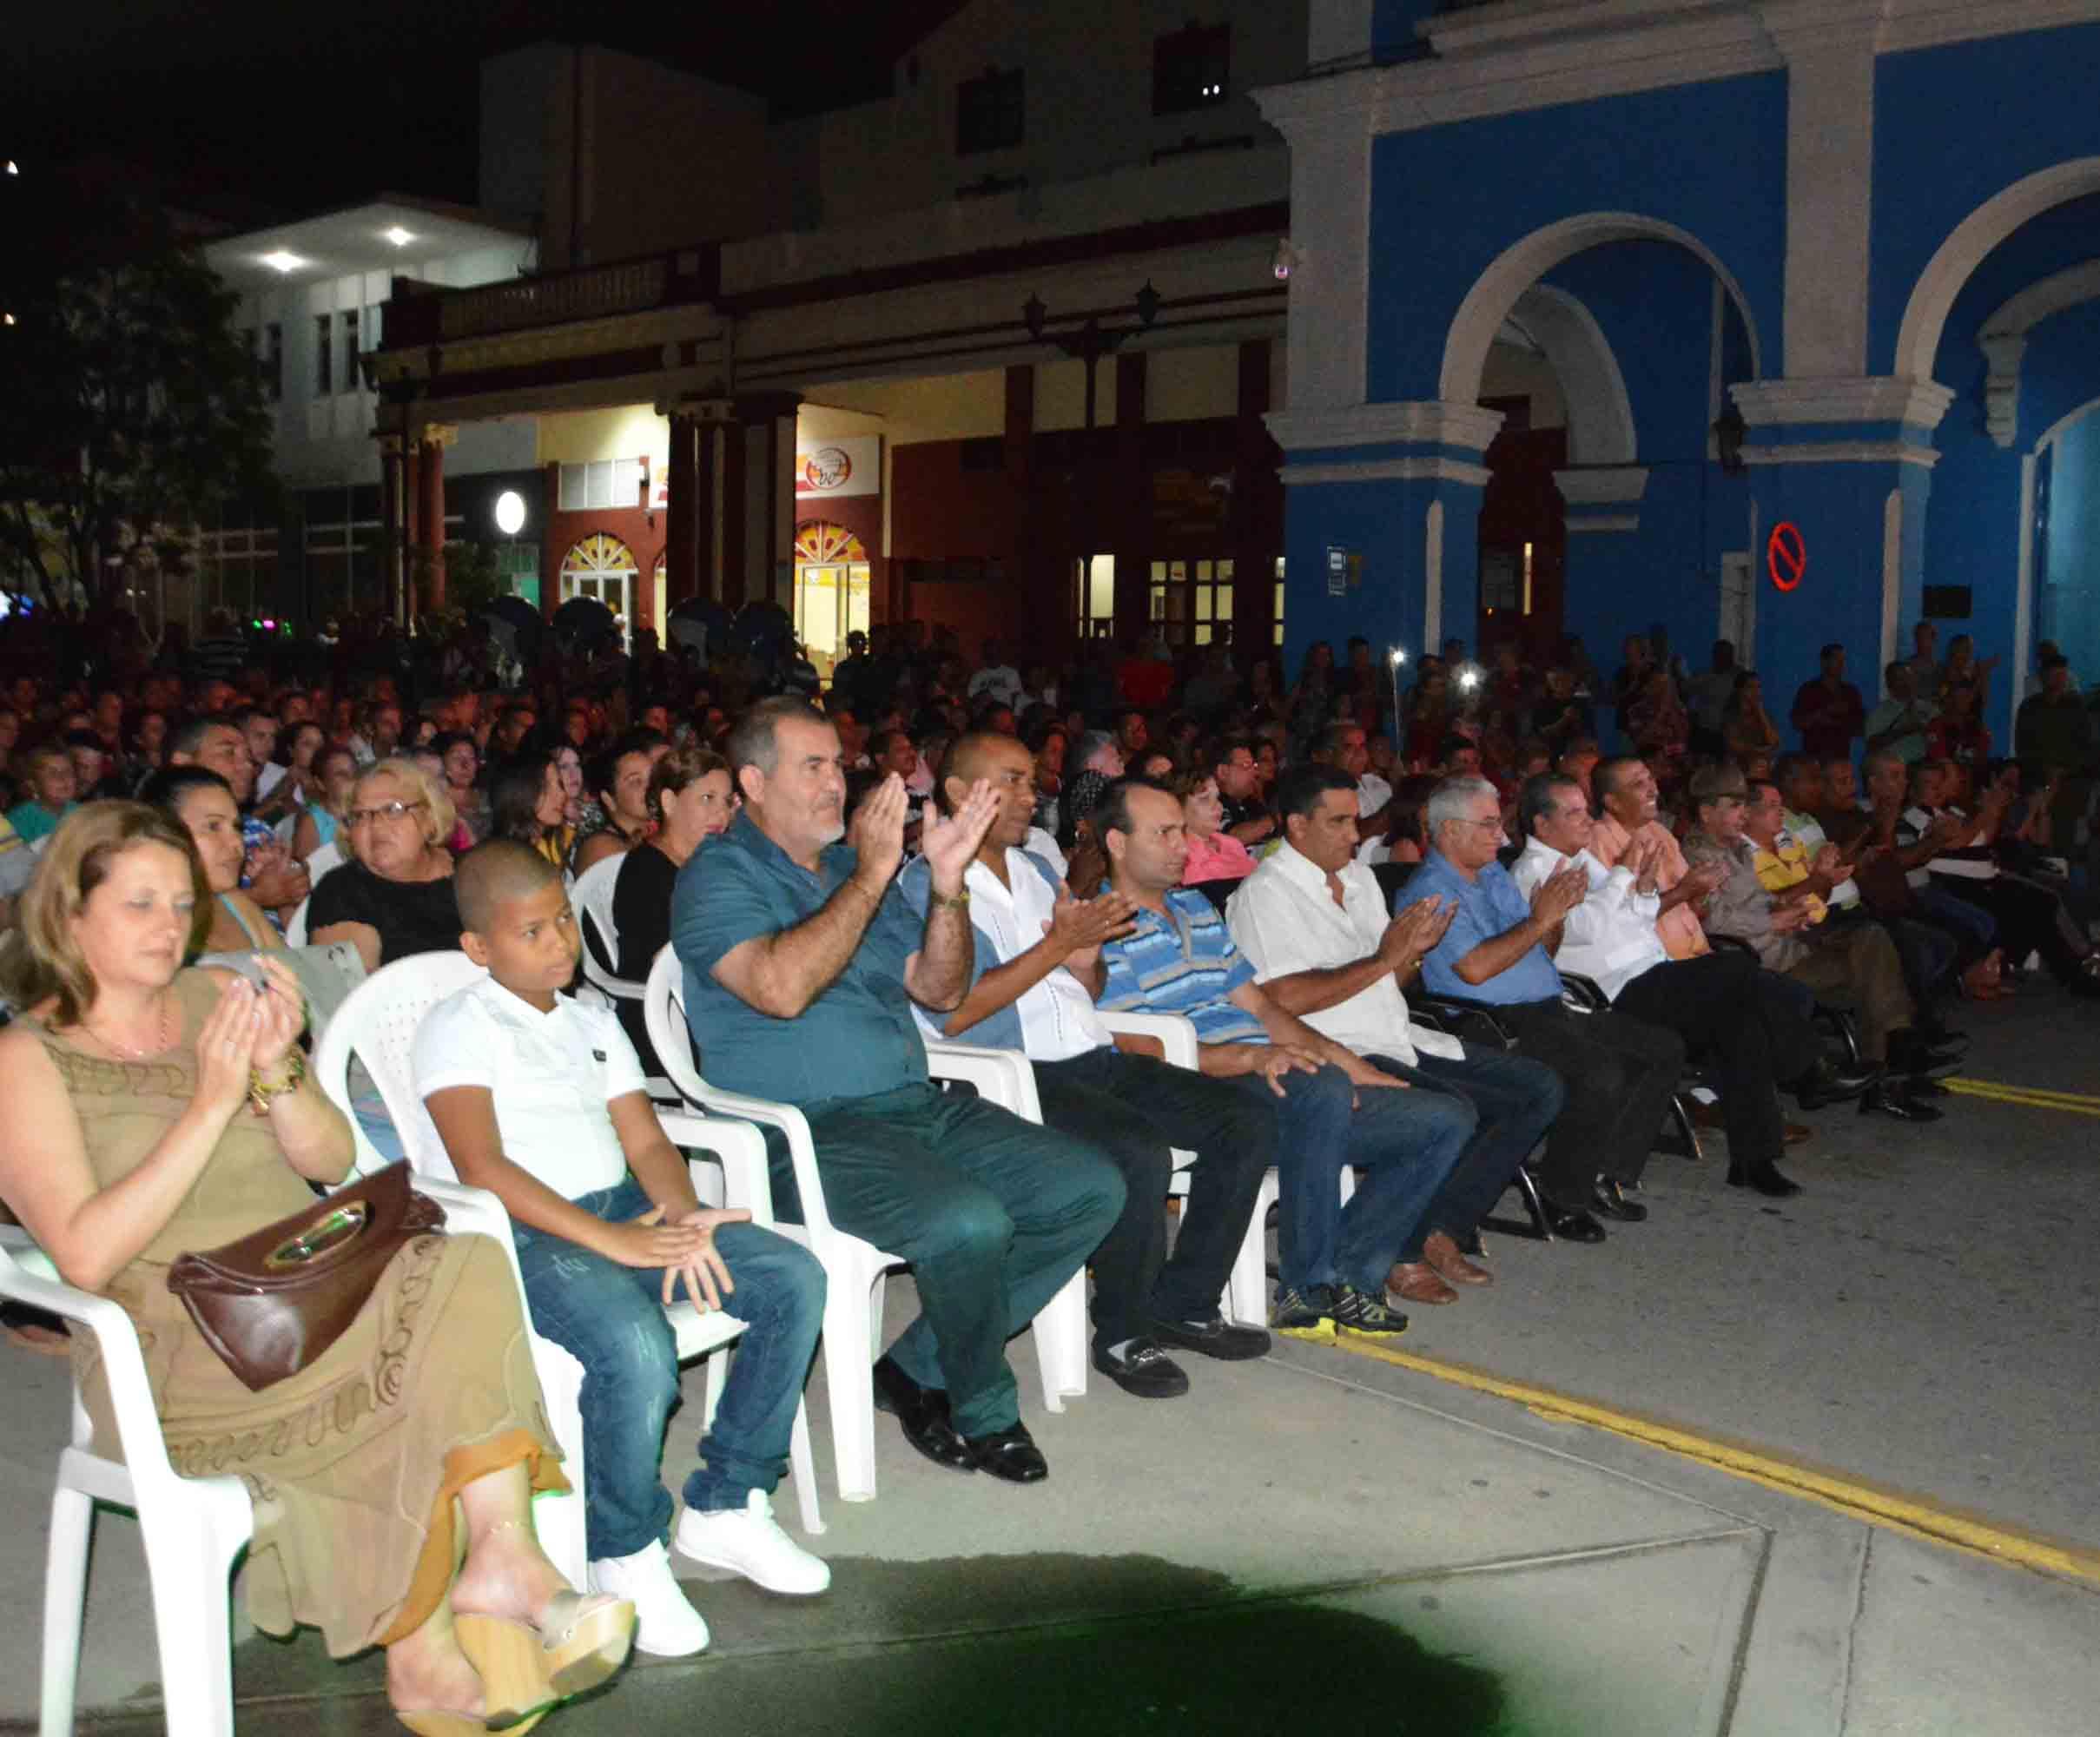 Escenas de la cantata por el 90 cumpleaños de Fidel en Sancti Spíritus.